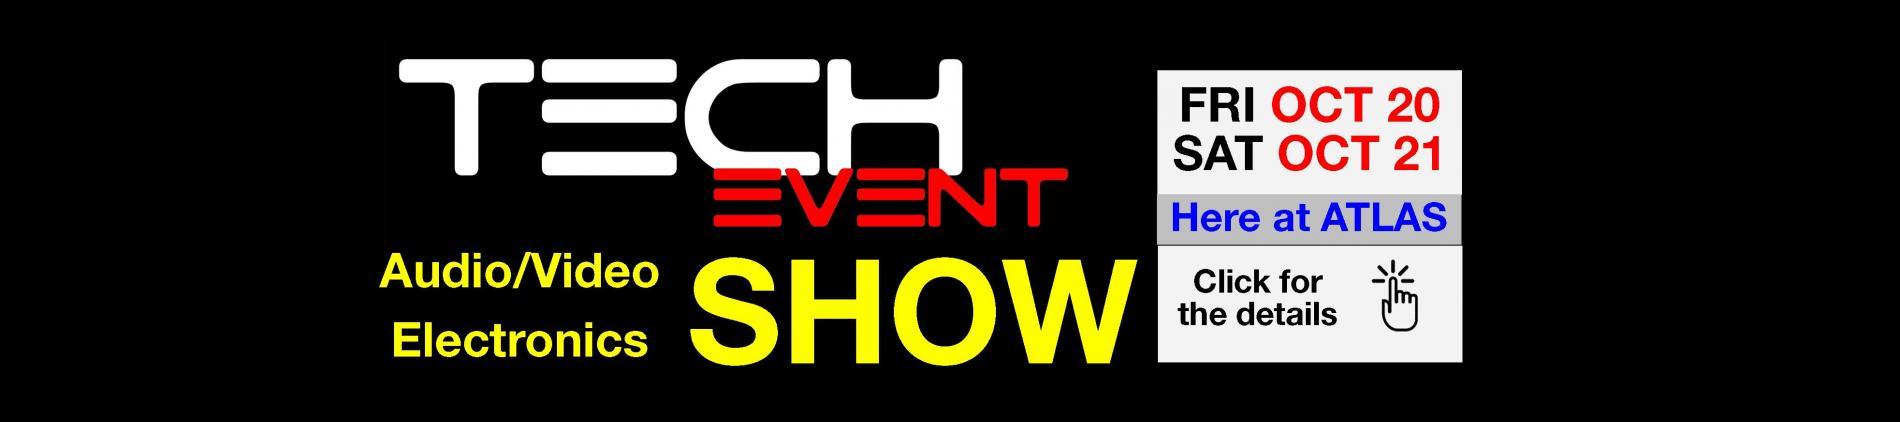 tech event slider 5